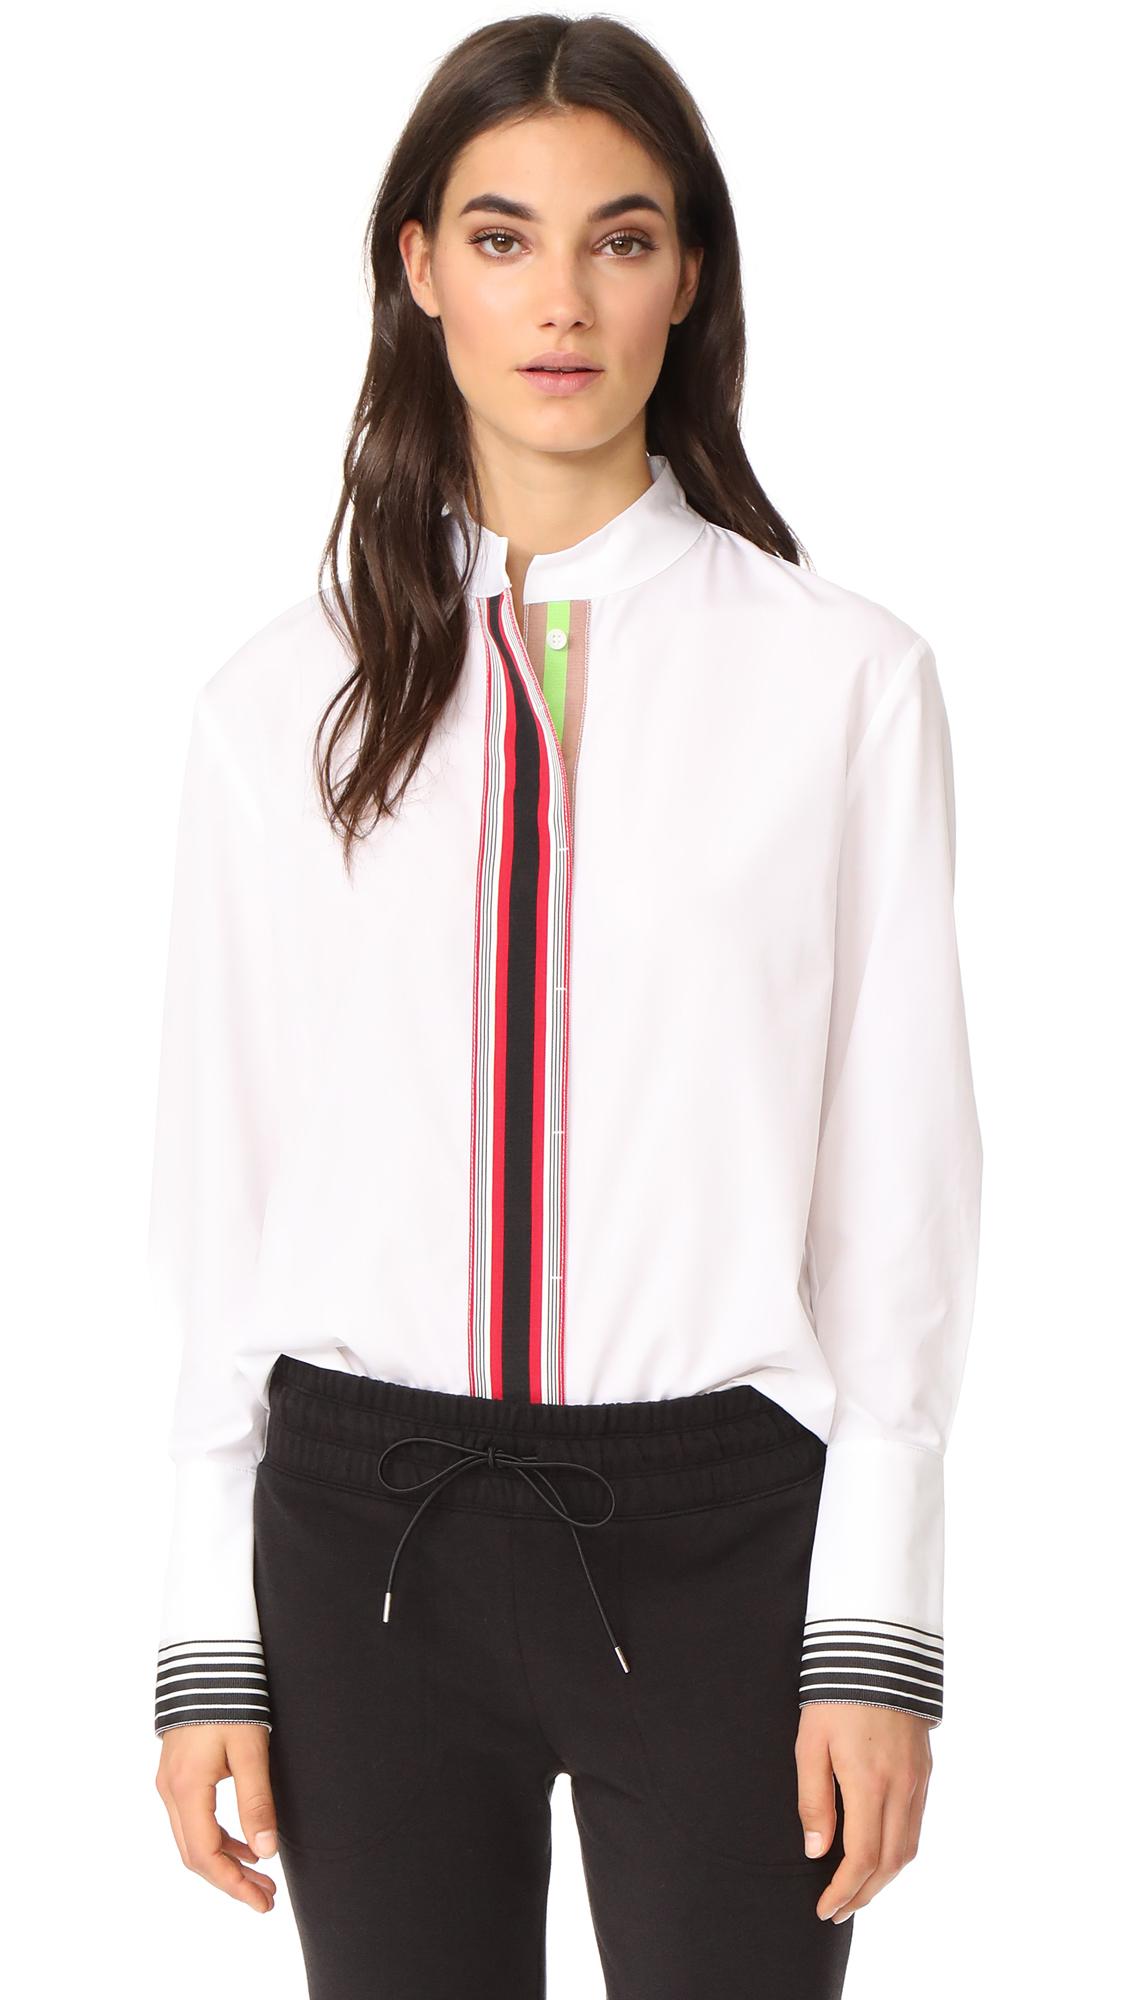 Diane von Furstenberg Stripe Placket Button Down Top - White